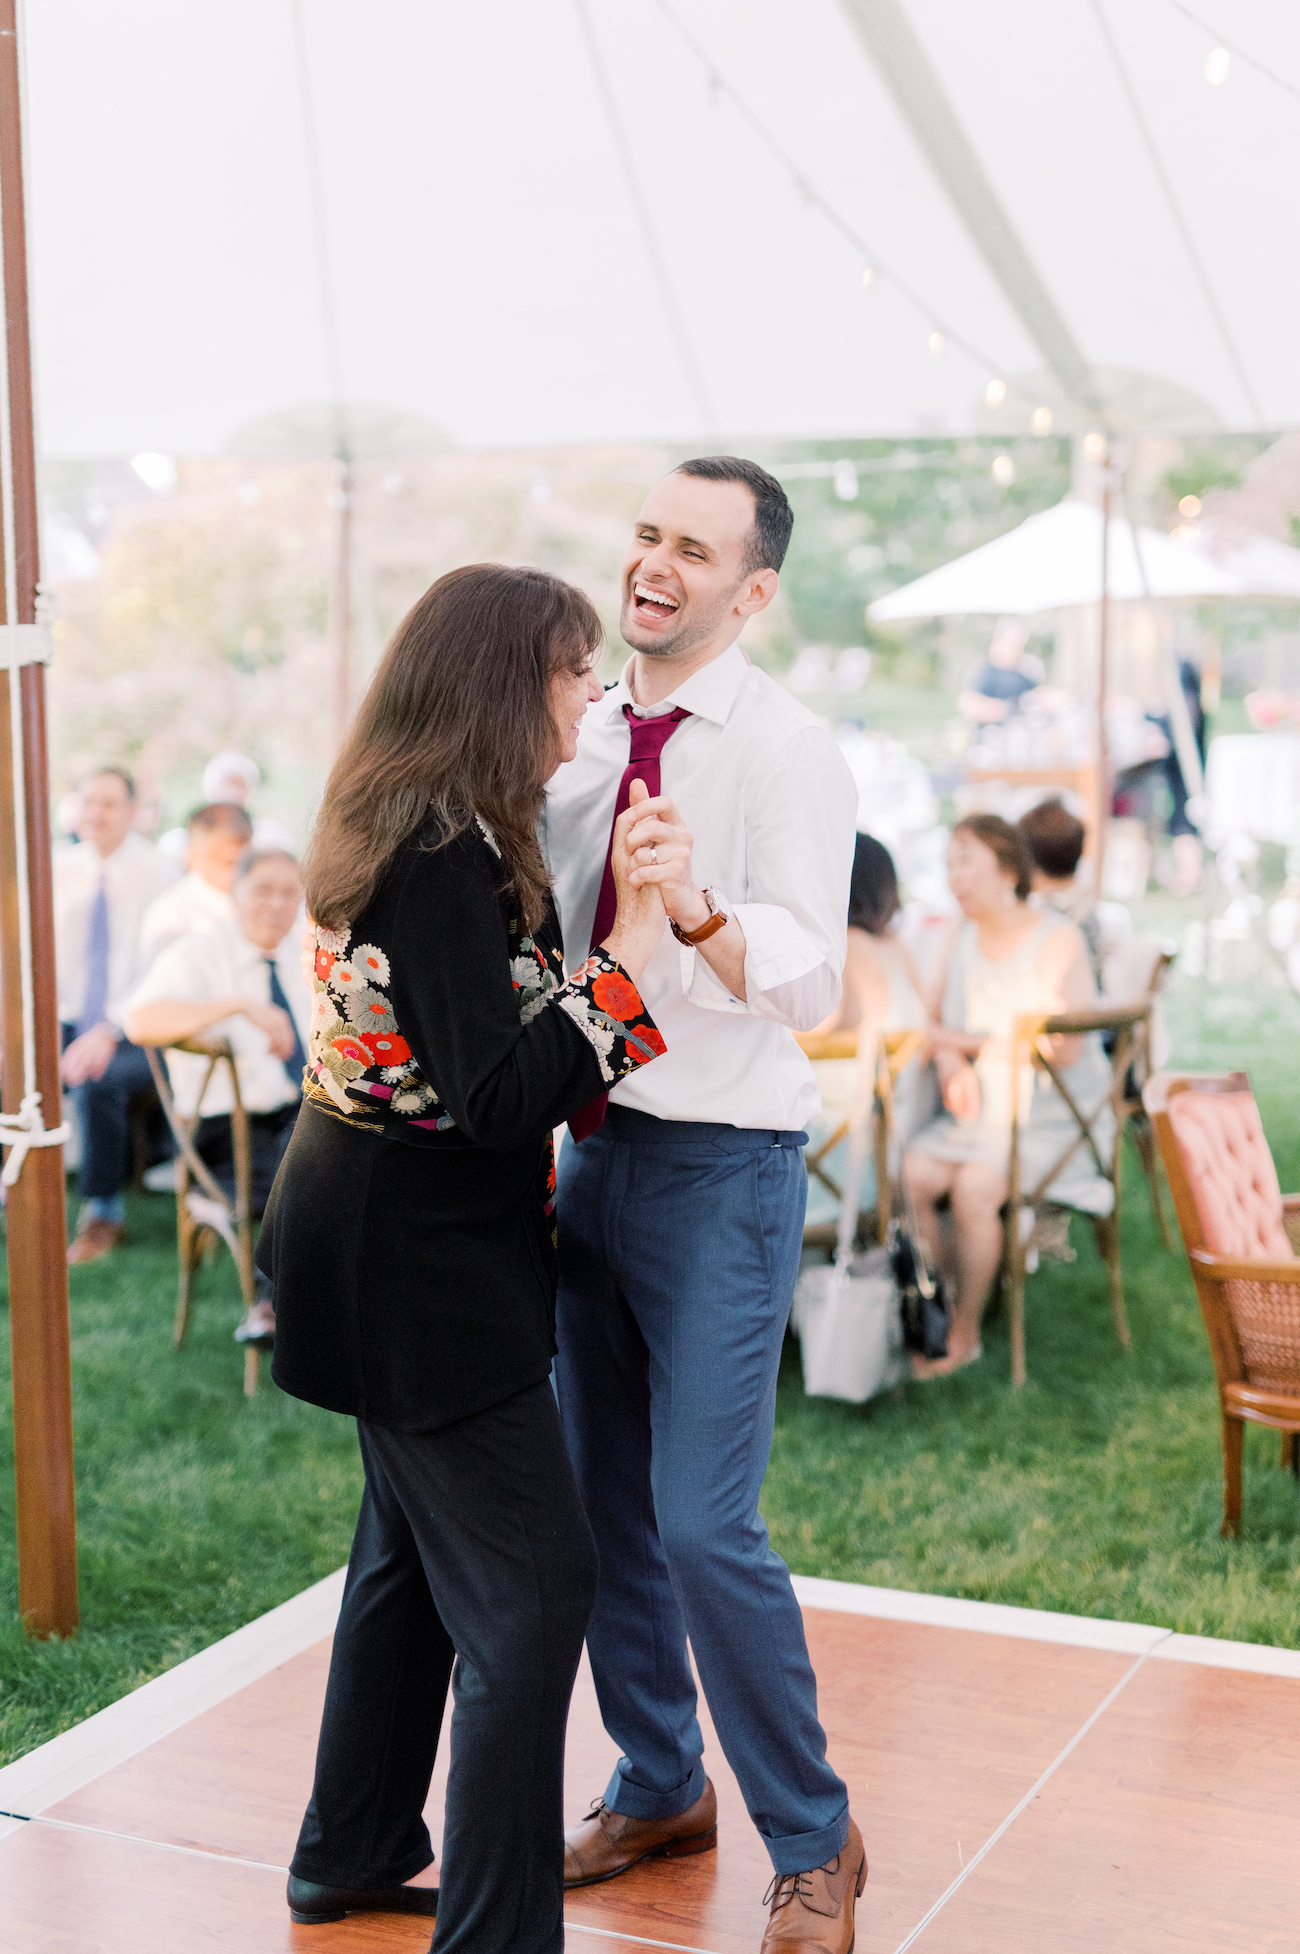 Justin and Teri Dancing